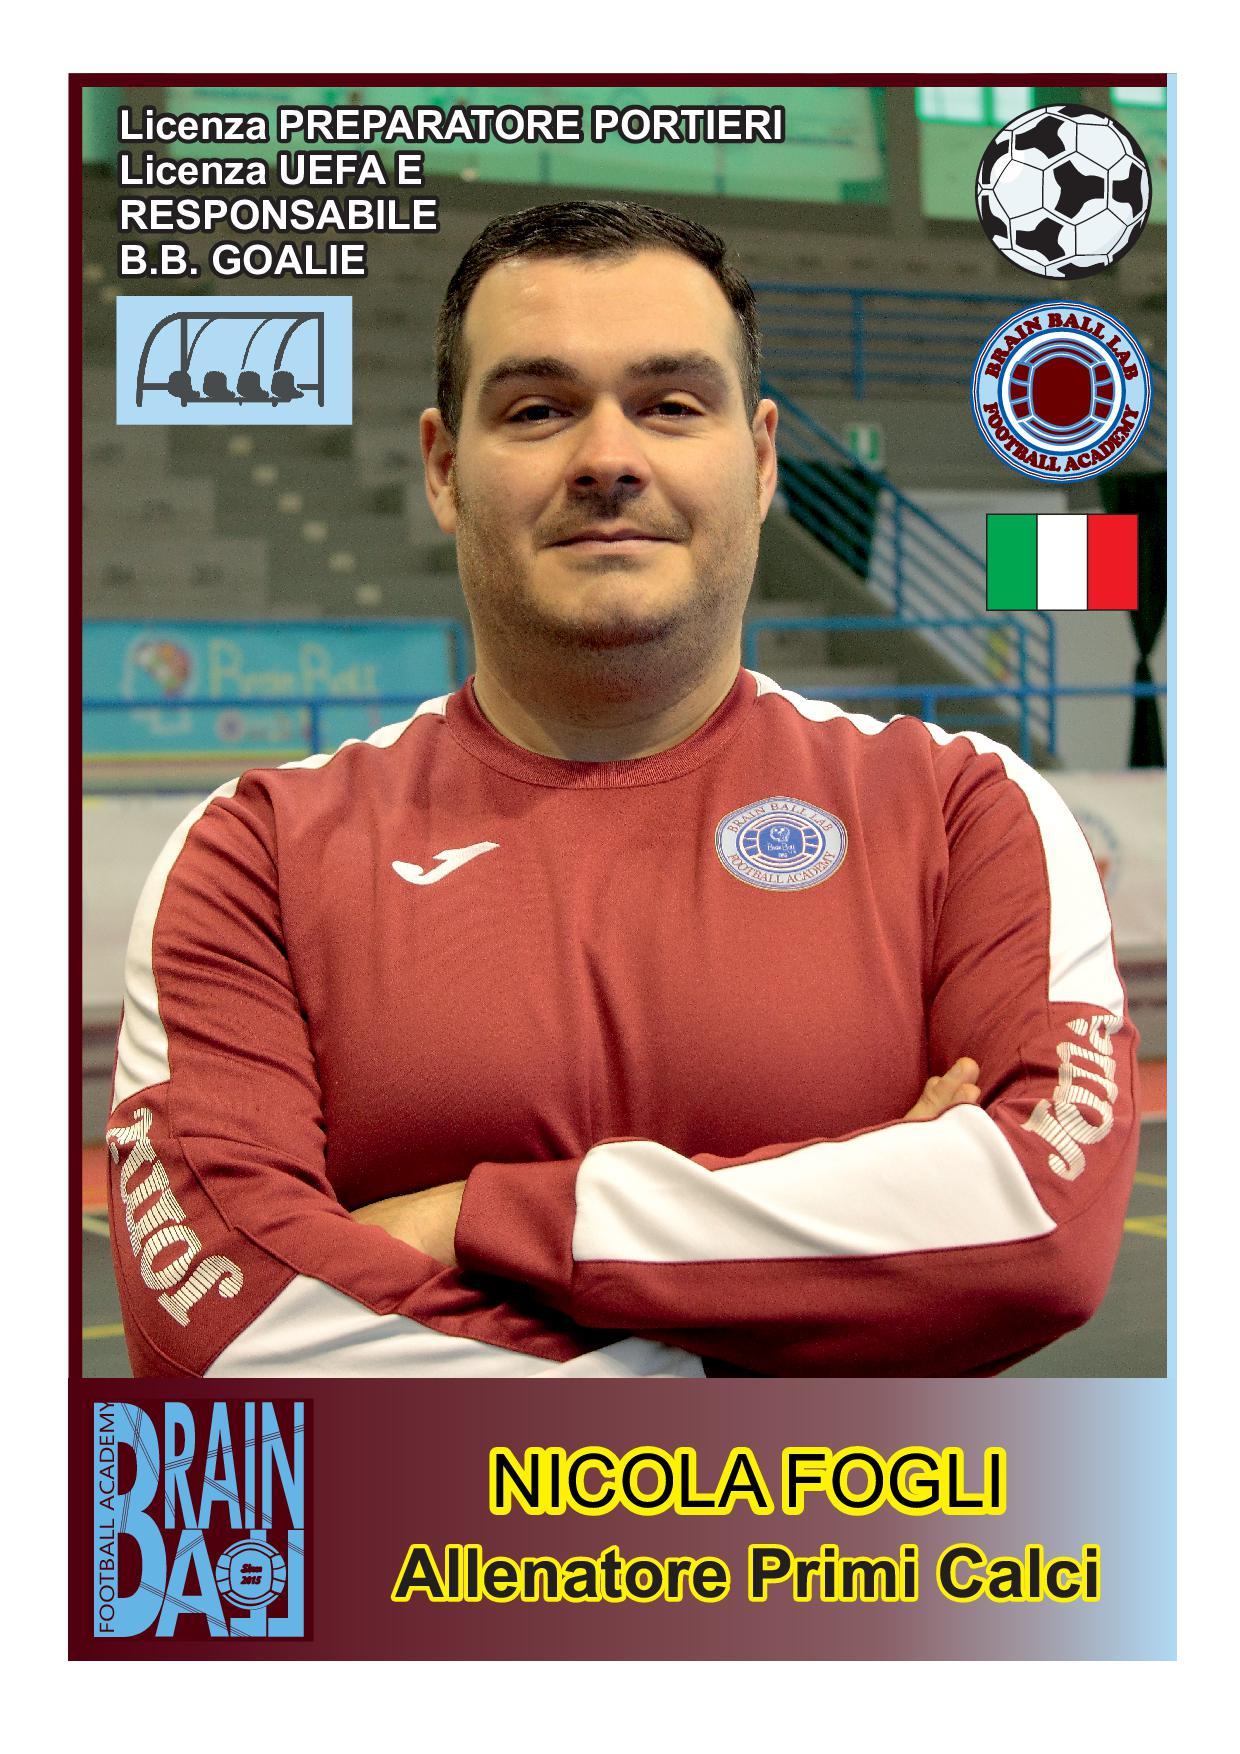 Nicola Fogli